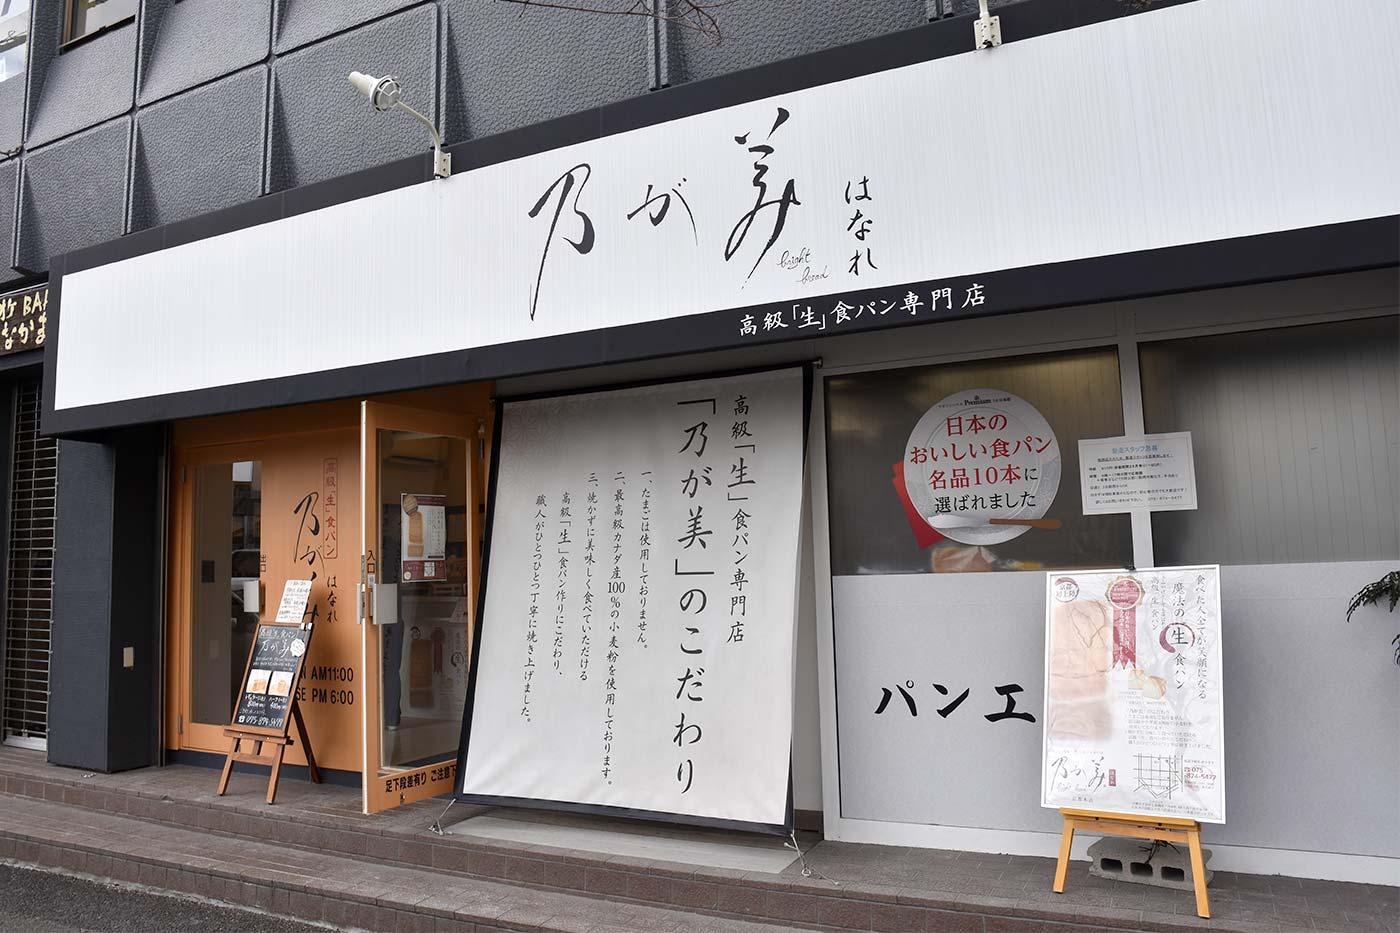 nishioji_041